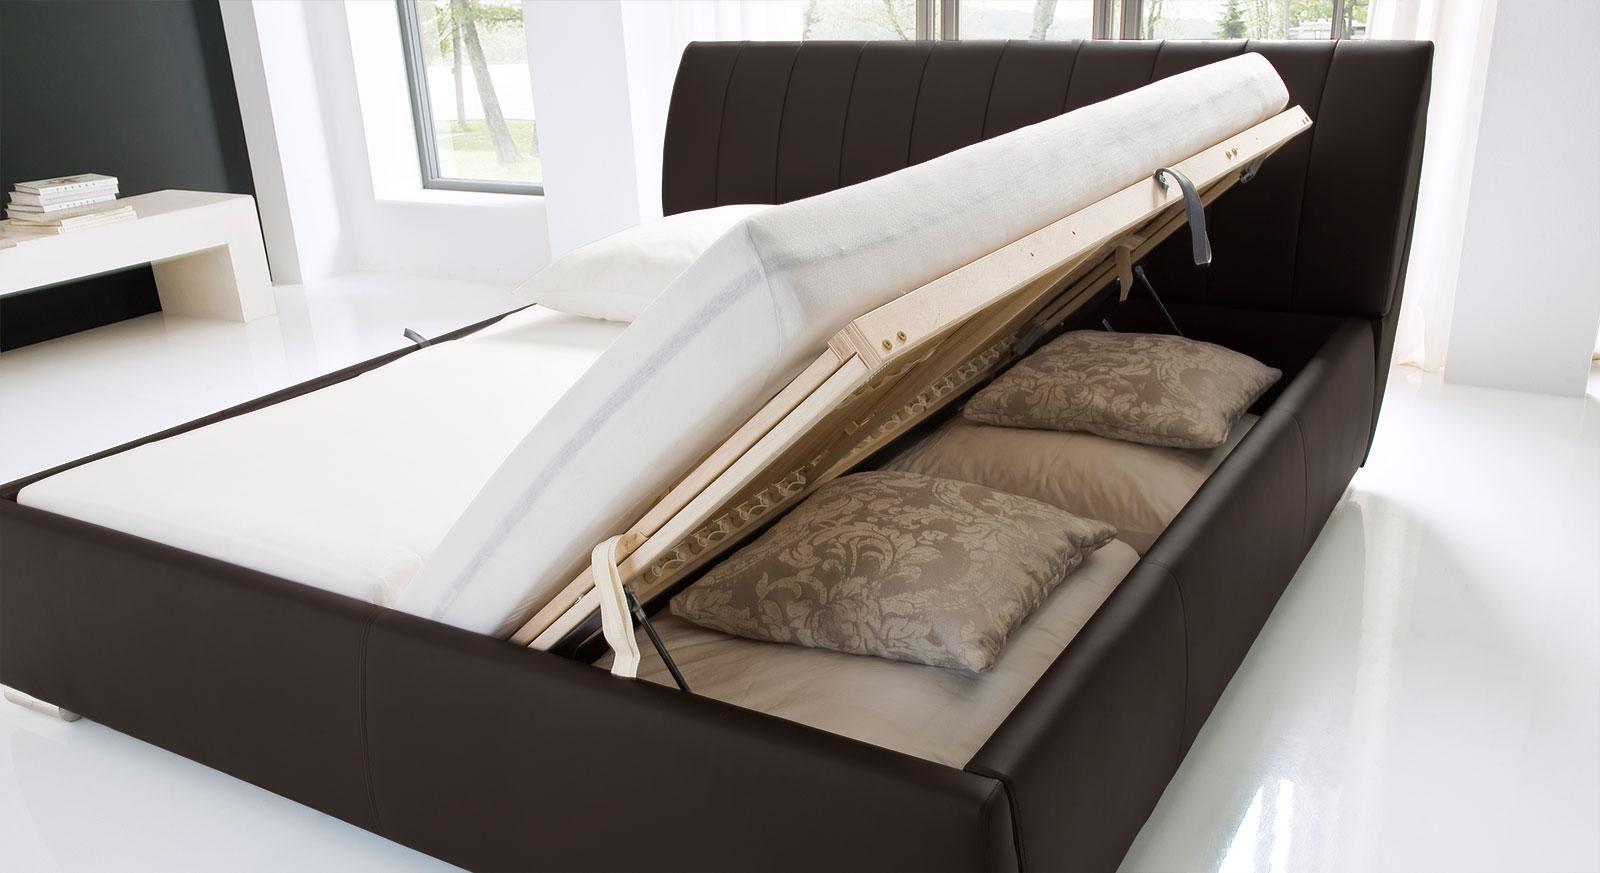 Full Size of Stauraum Bett 200x200 Kunstlederbett Mit Bettkasten Und Lattenrost Komforthöhe Betten Weiß Wohnzimmer Stauraumbett 200x200